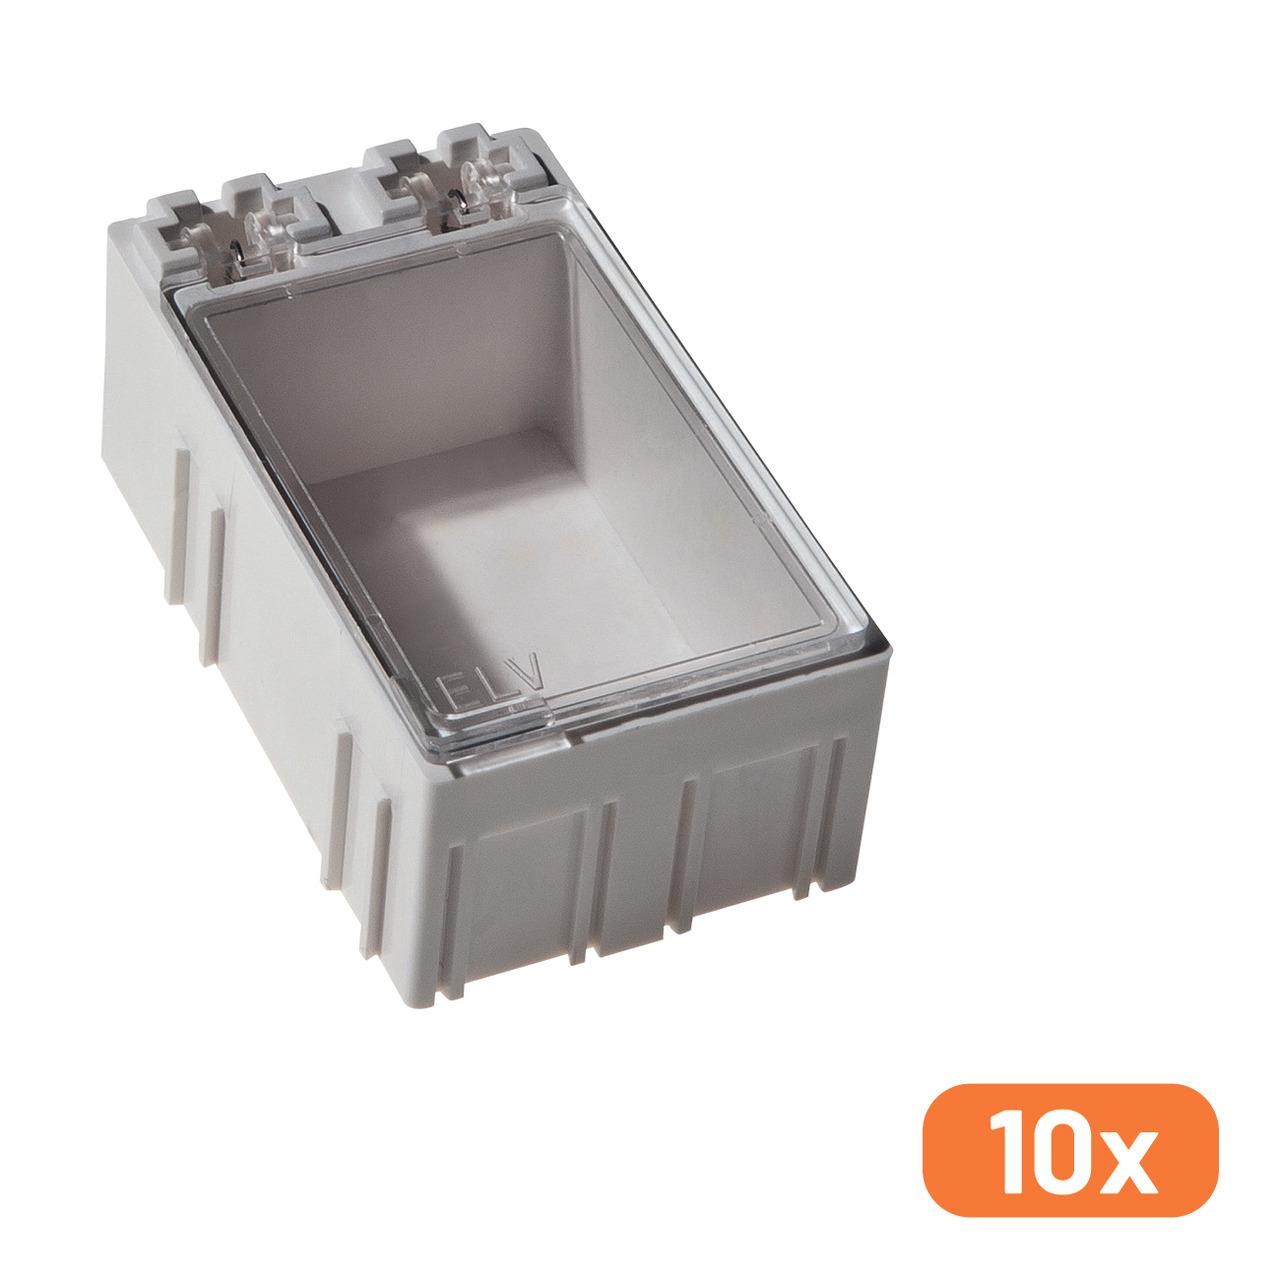 ELV 10er-Set SMD-Sortierbox- Altweiss- 23 x 31 x 54 mm